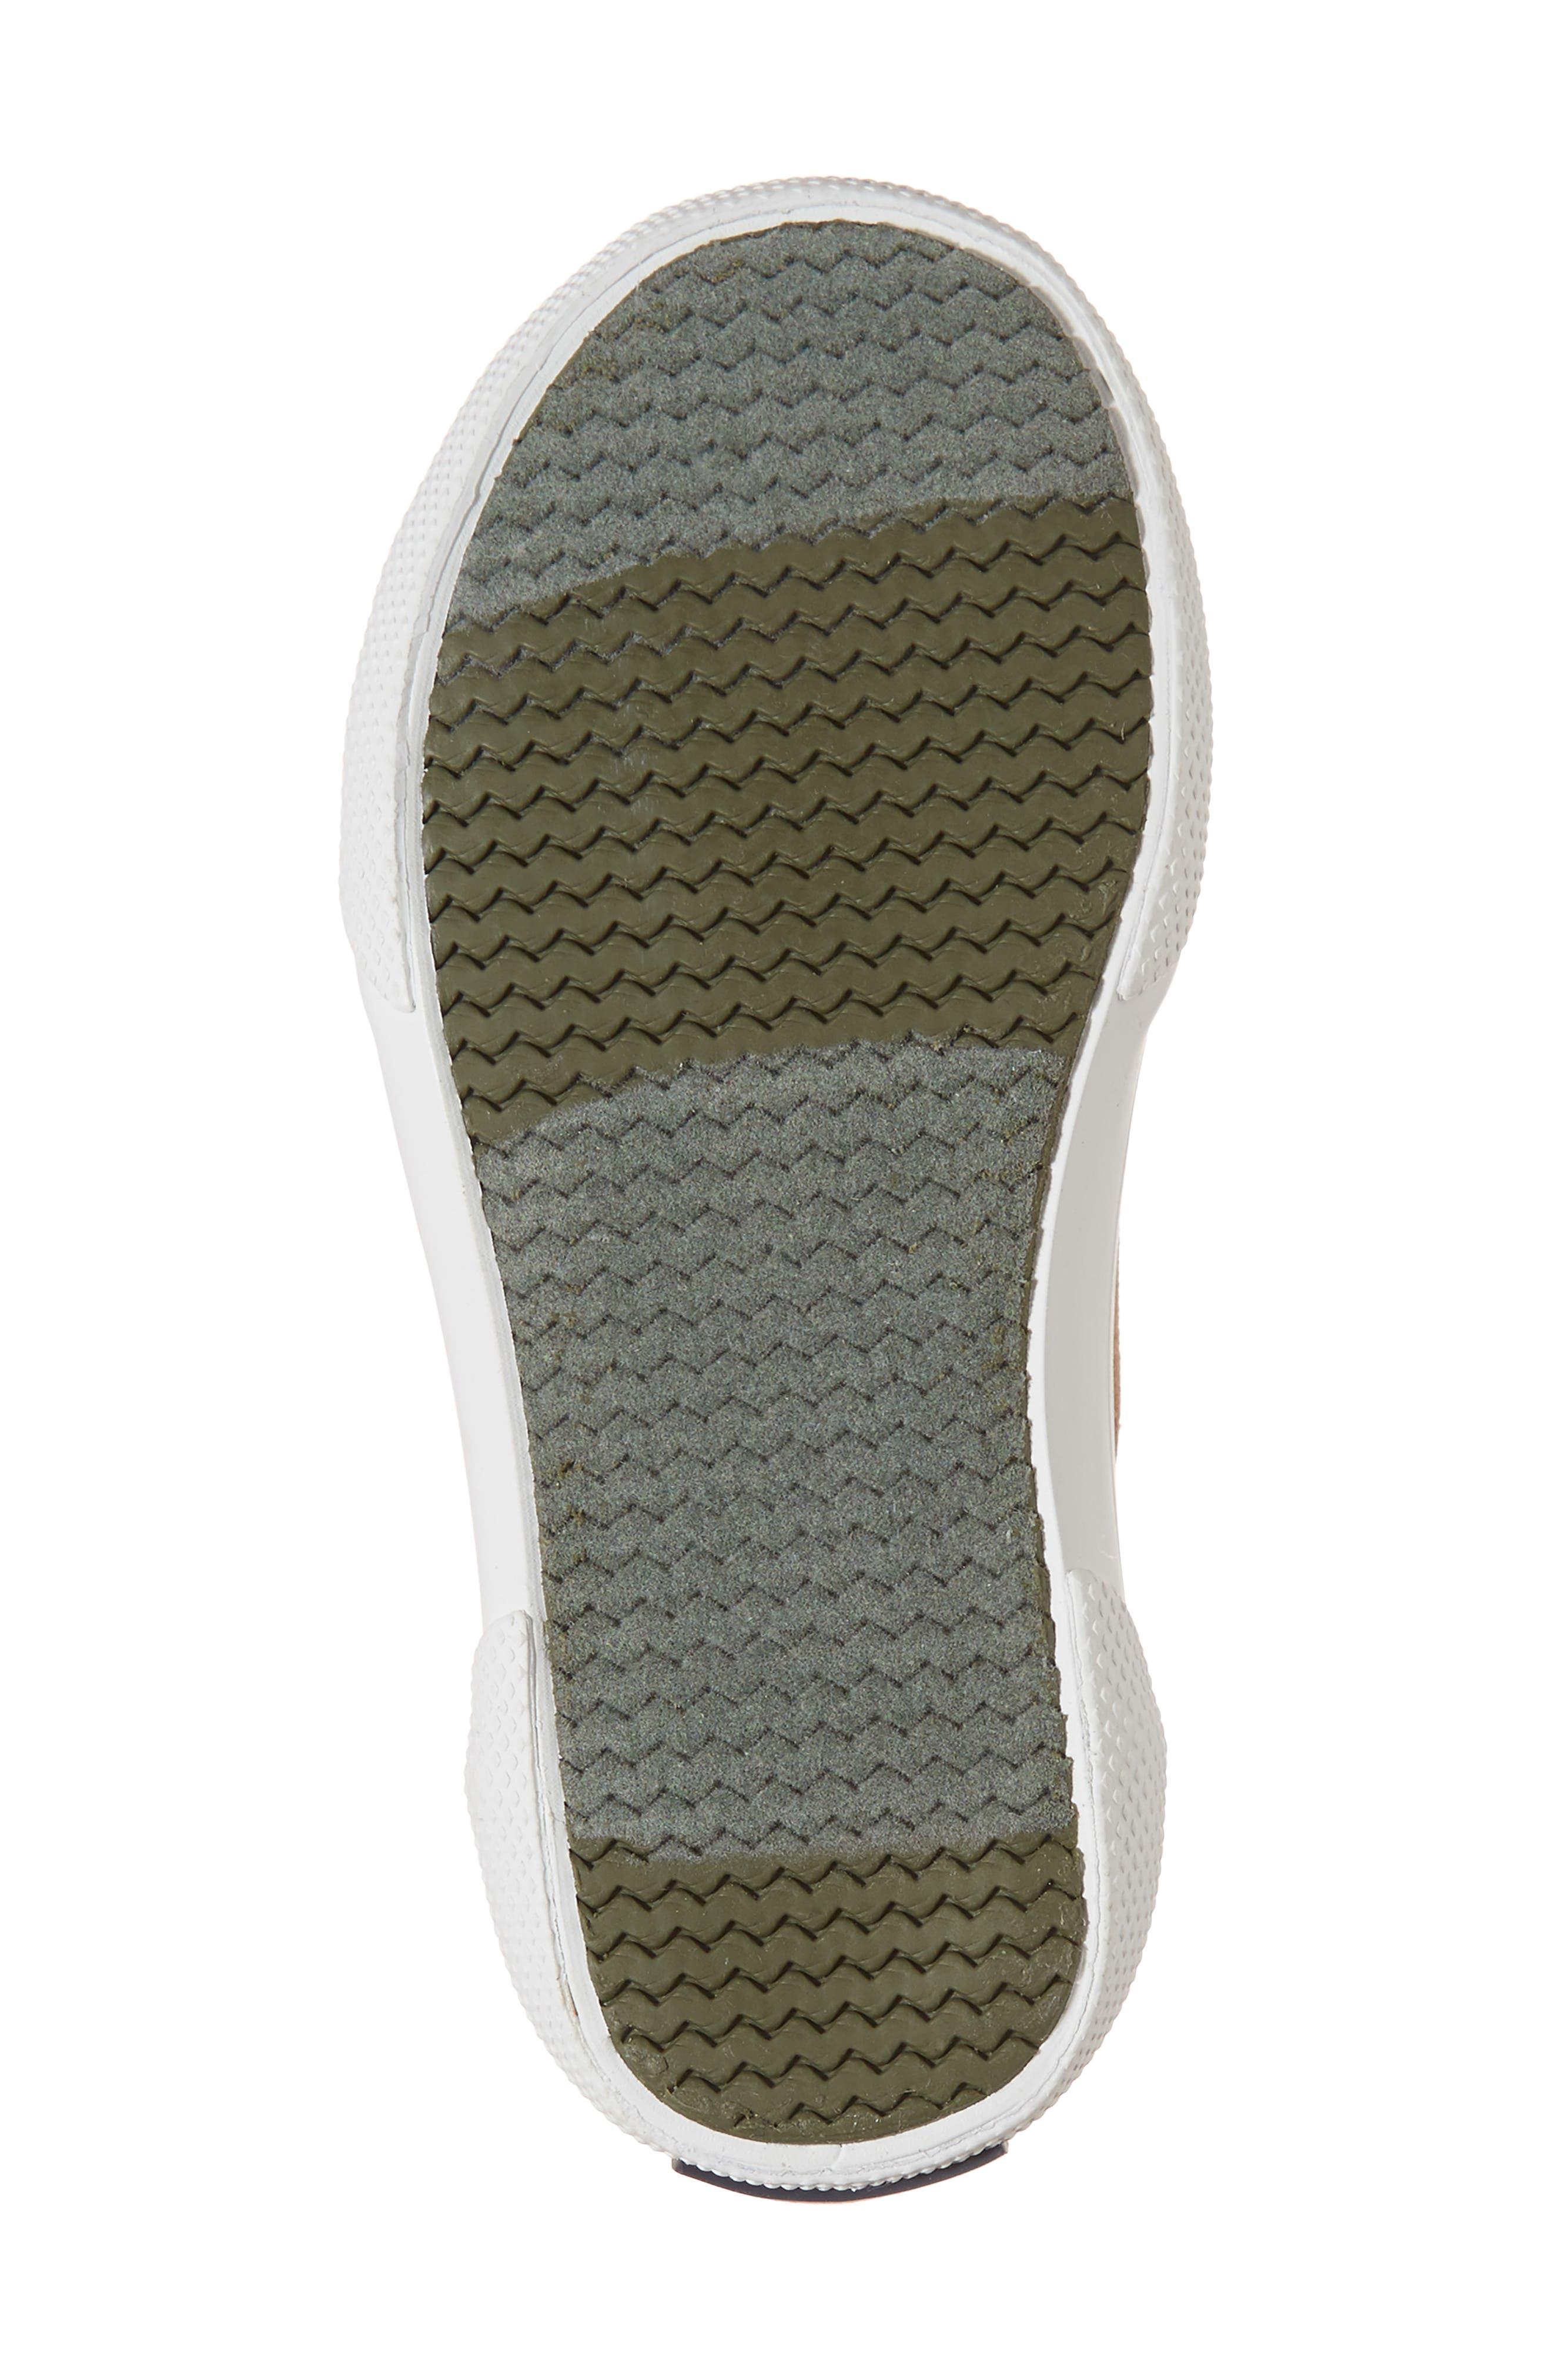 Sperry Deckfin Jr. Sneaker,                             Alternate thumbnail 6, color,